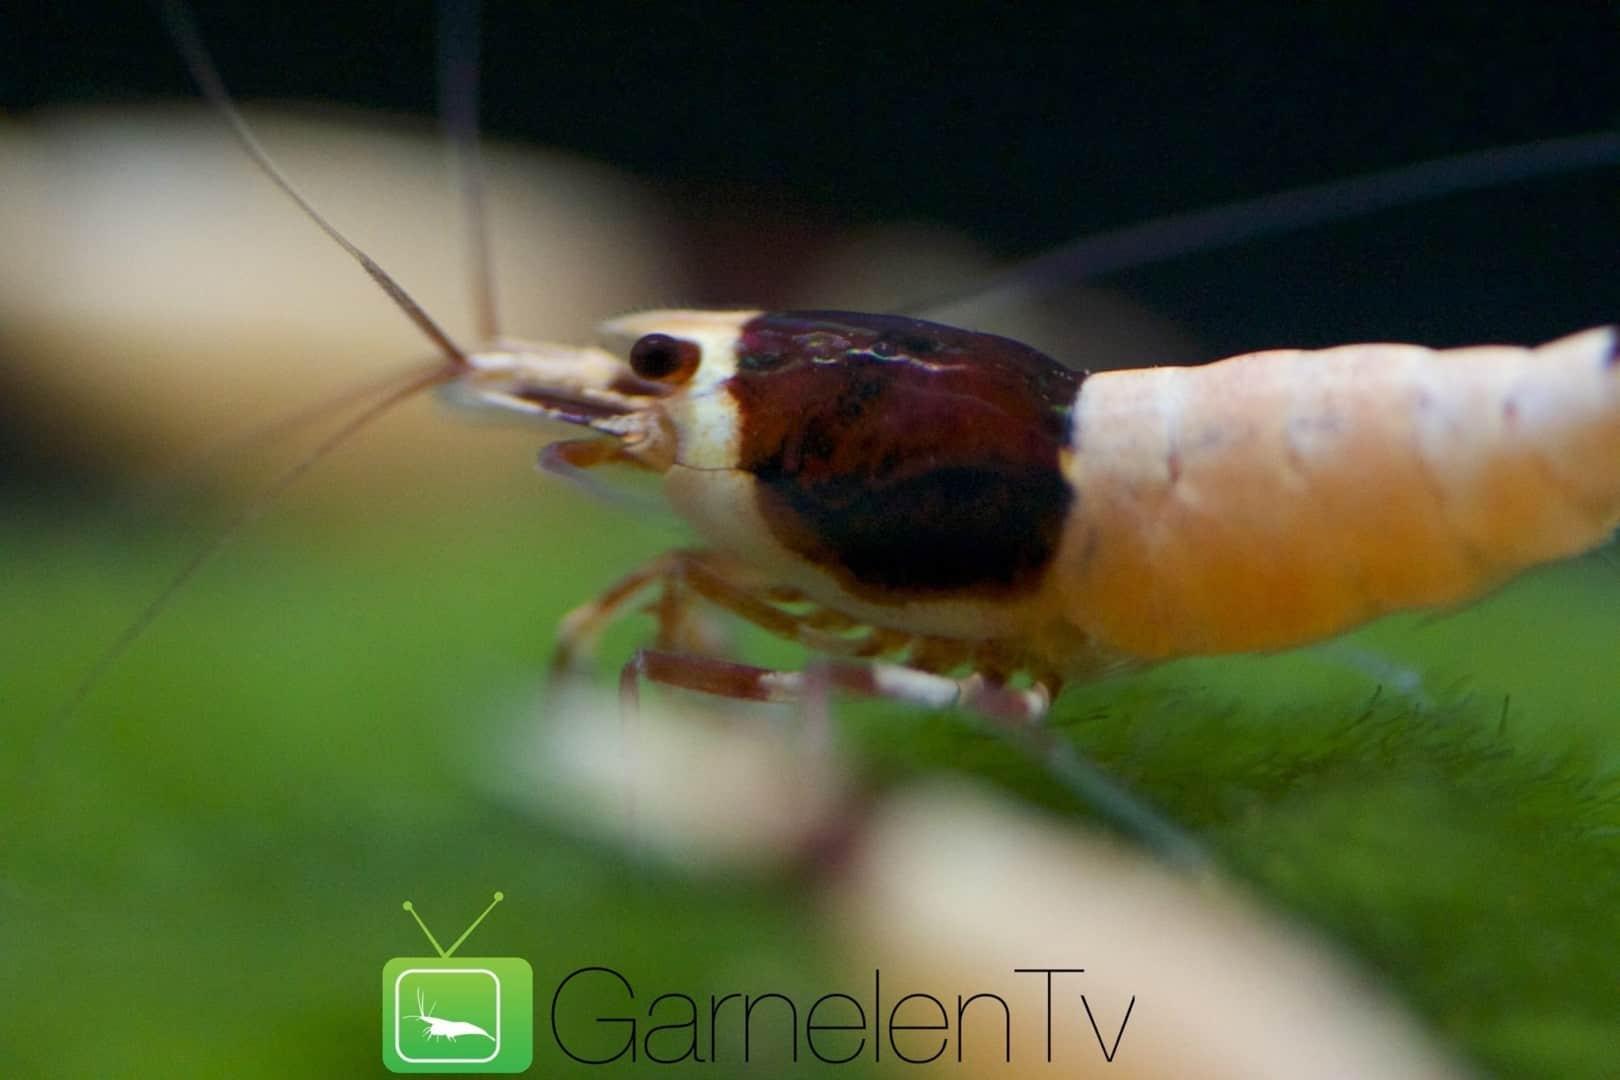 262: Garnelen im Aquarium halten - So machst du deinen Filter garnelensicher 10